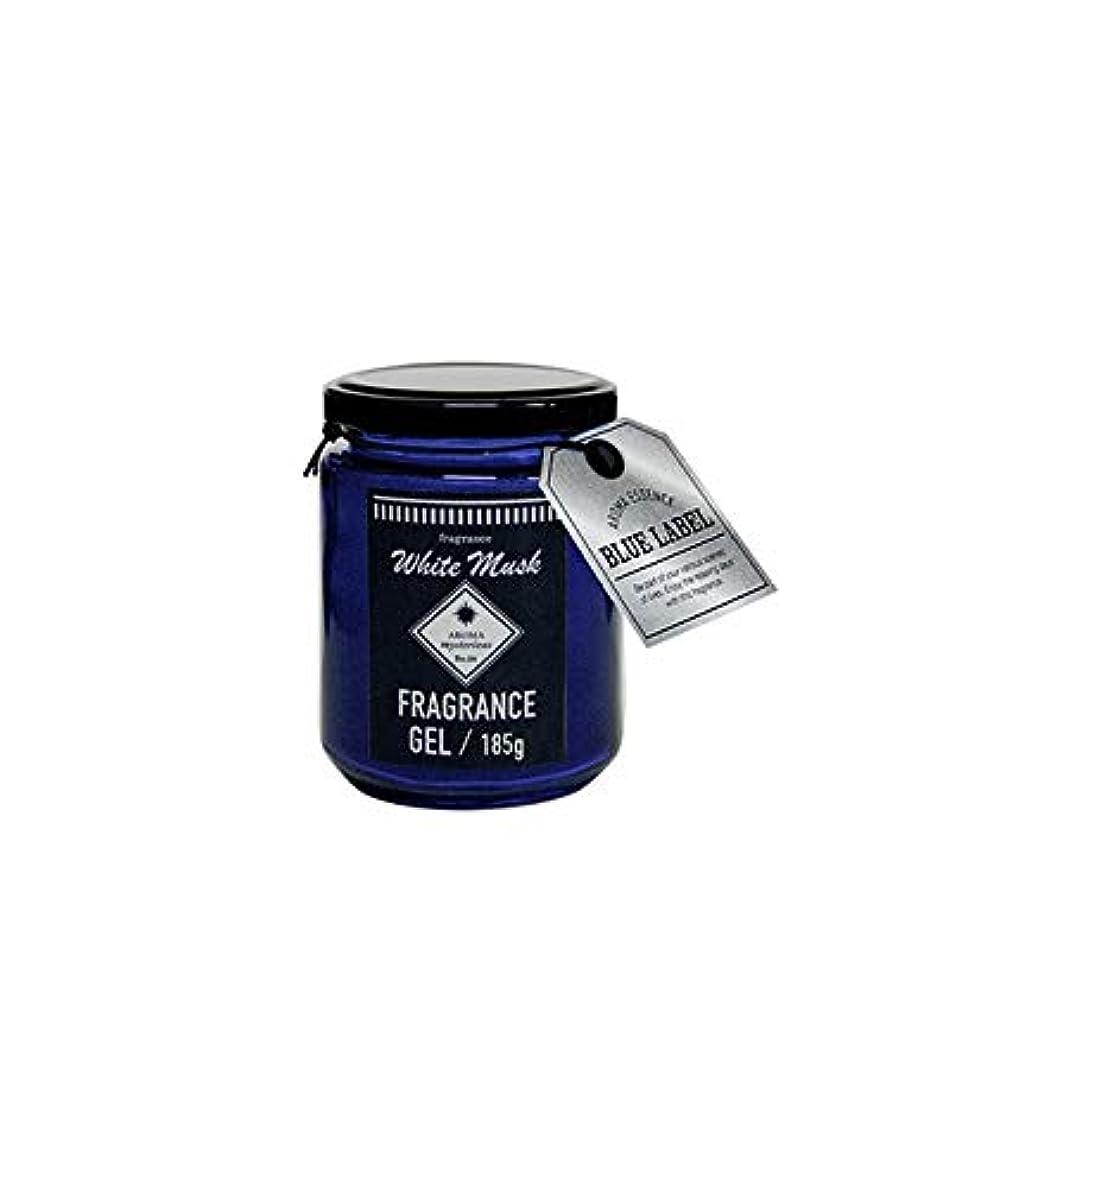 のホスト交渉する出版ブルーラベル ブルー フレグランスジェル185g ホワイトムスク(消臭除菌 日本製 誰もが好む香り)